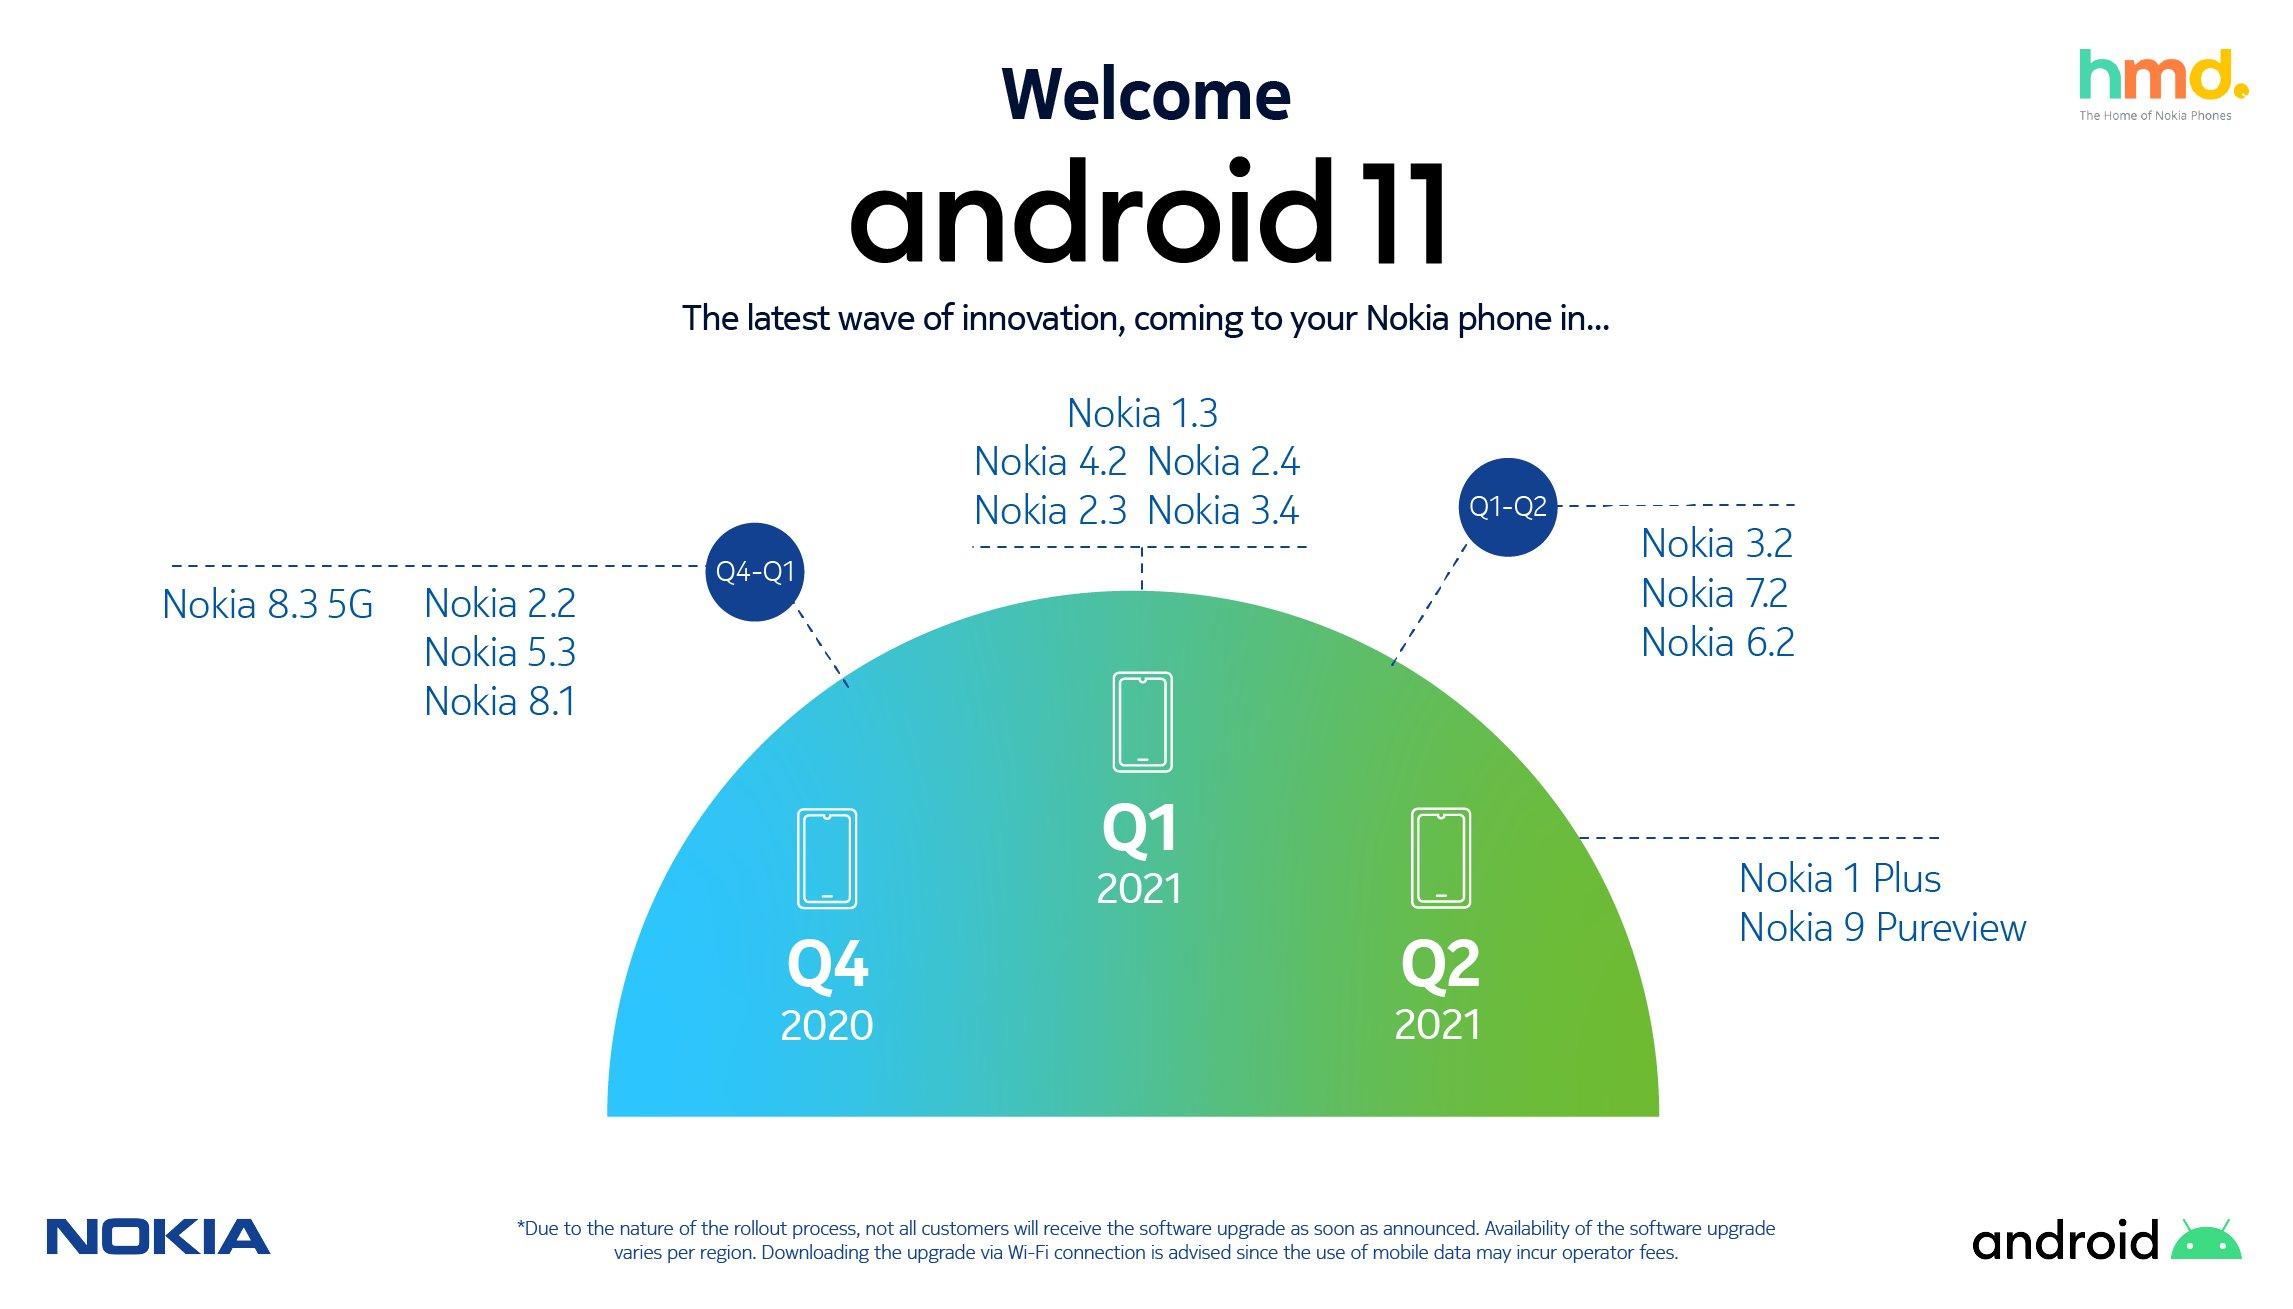 nokia android 11 roadmap aggiornamento